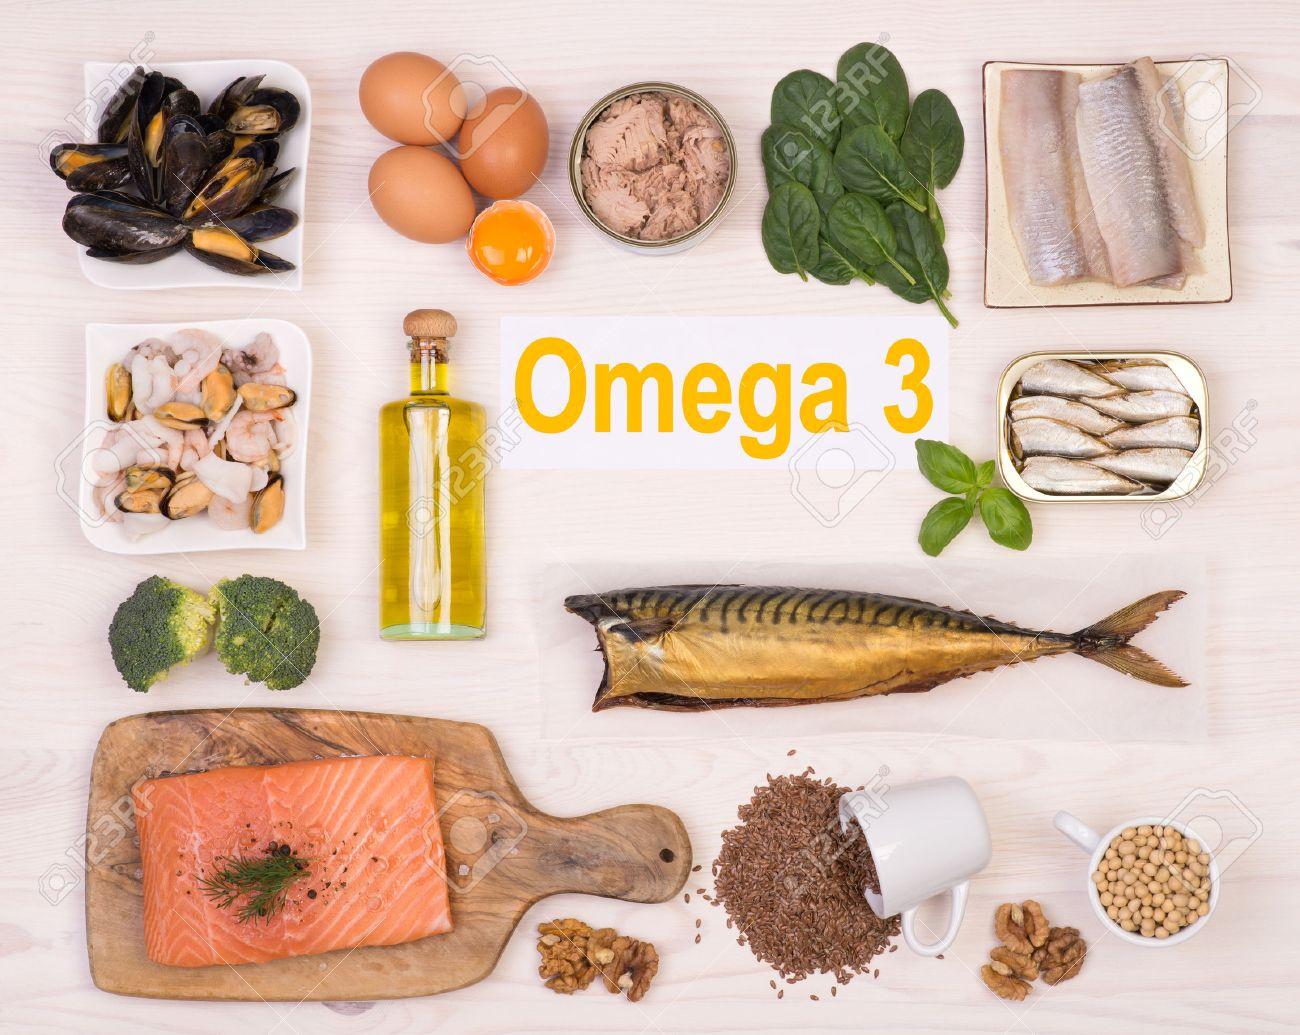 Food rich in omega 9 fatty acid